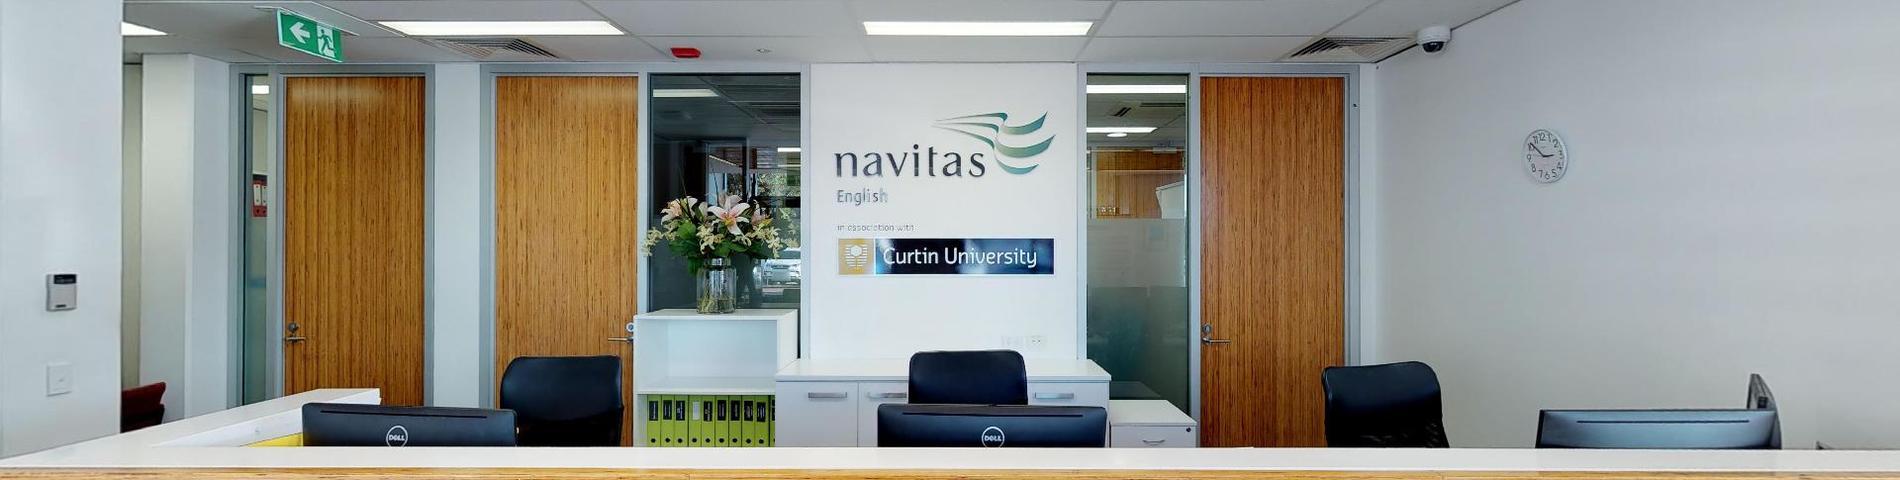 Navitas English bild 1